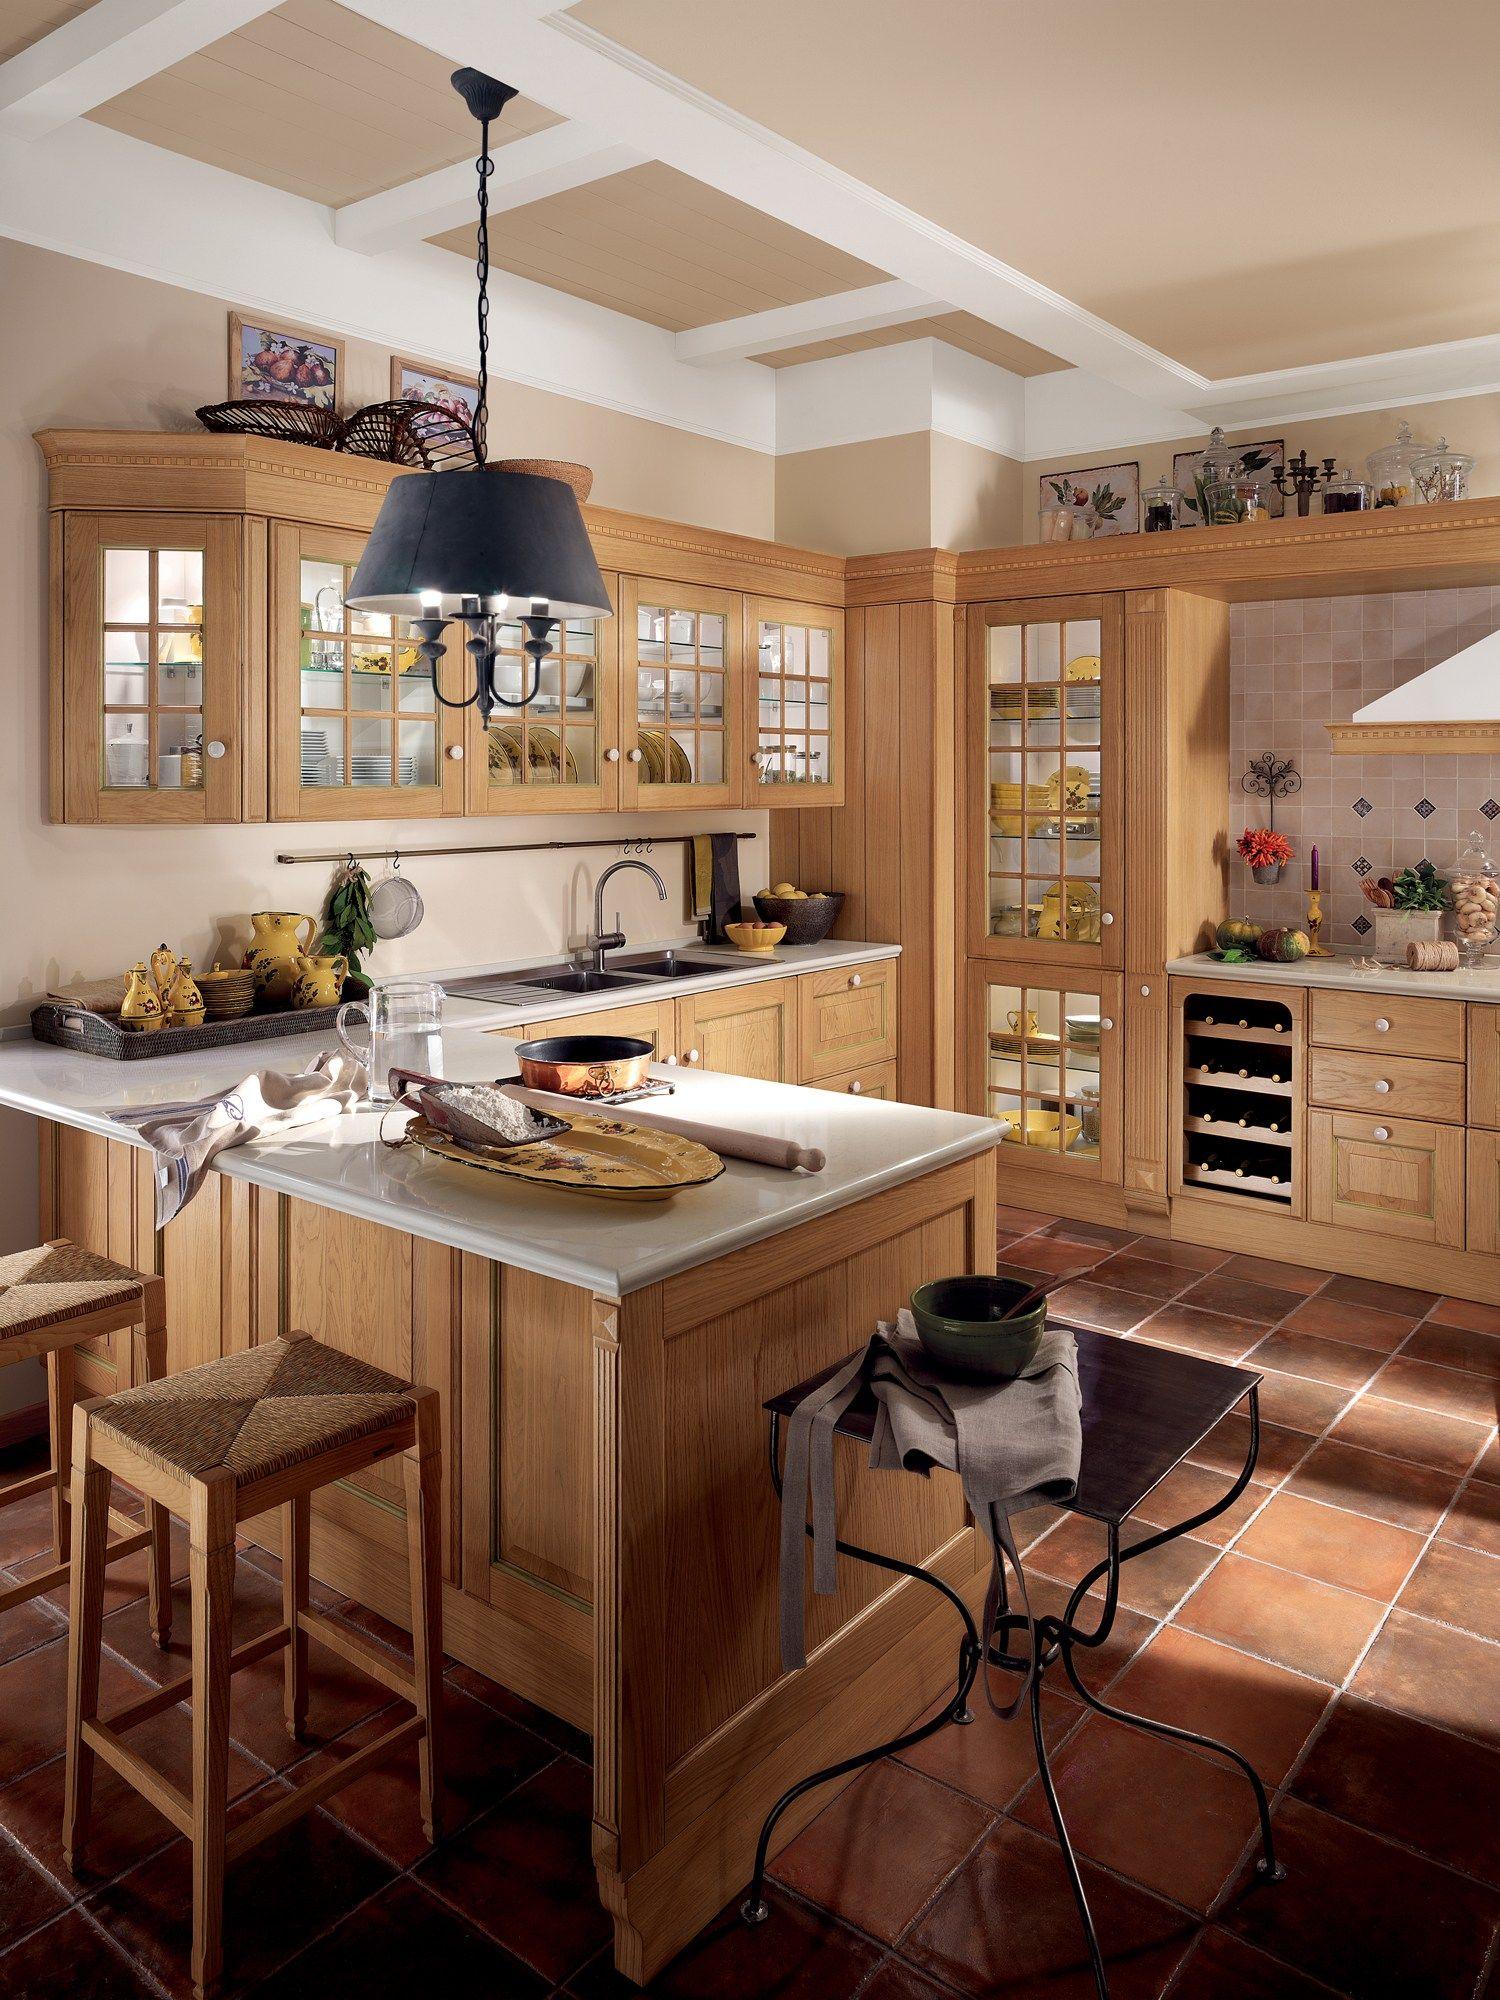 Cucina componibile baltimora linea scavolini by scavolini for Cucina baltimora scavolini